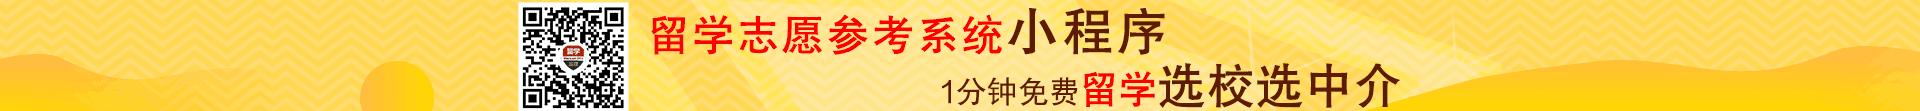 浙江体彩网定位小程序